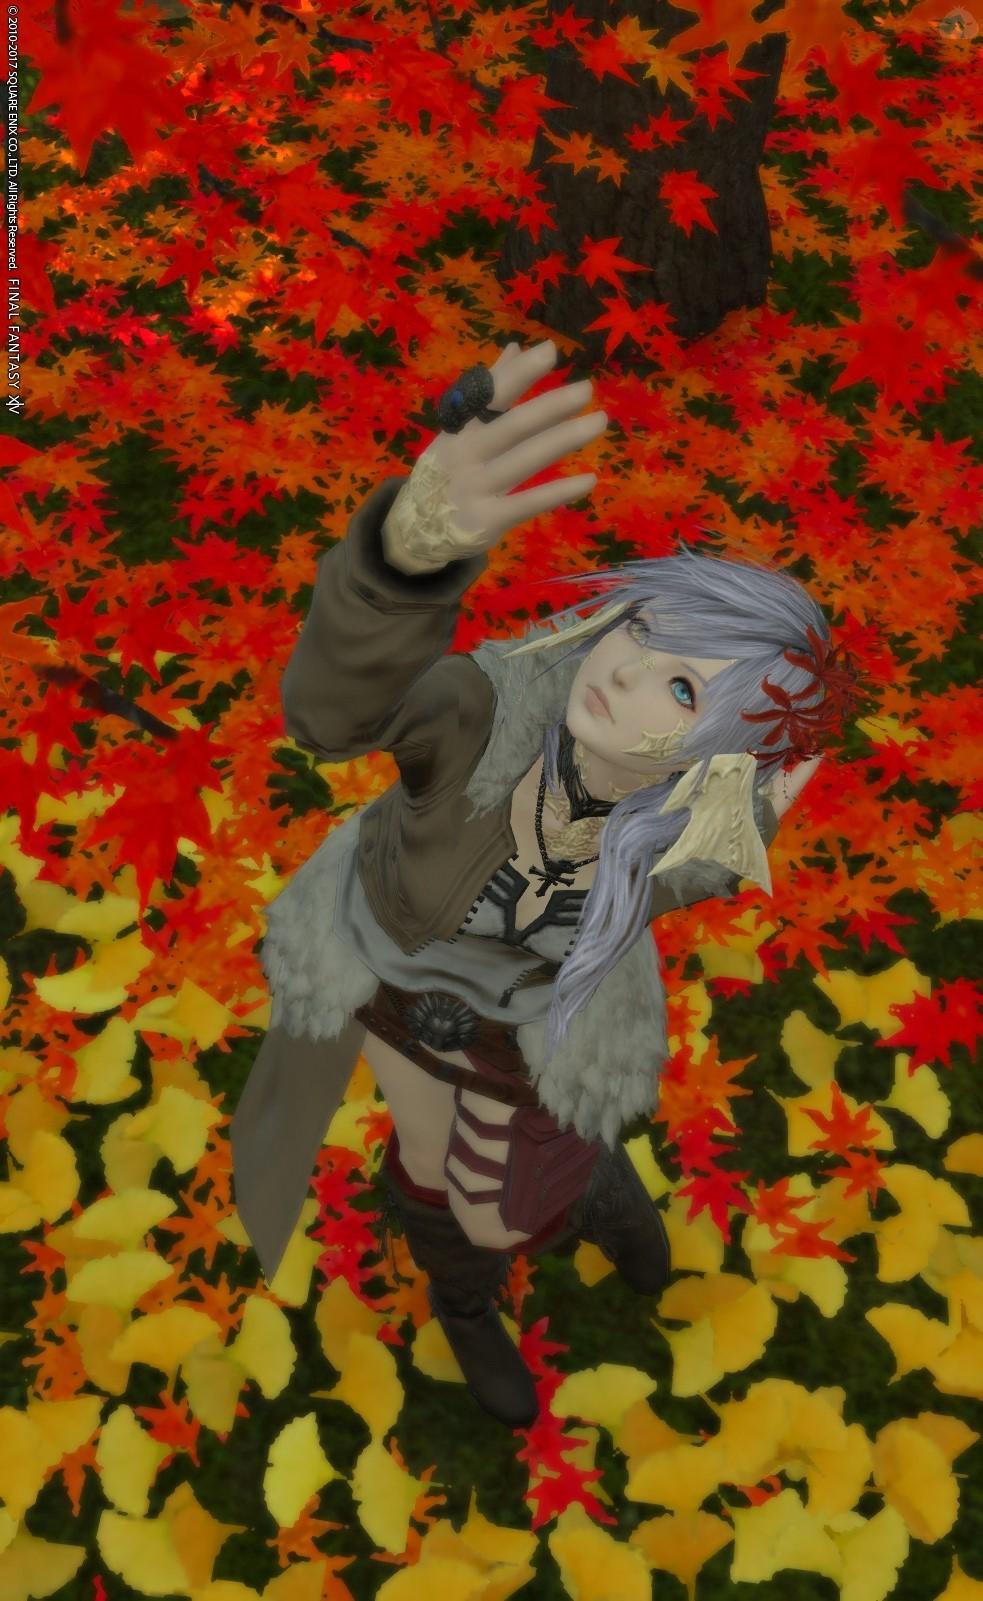 紅葉と秋服